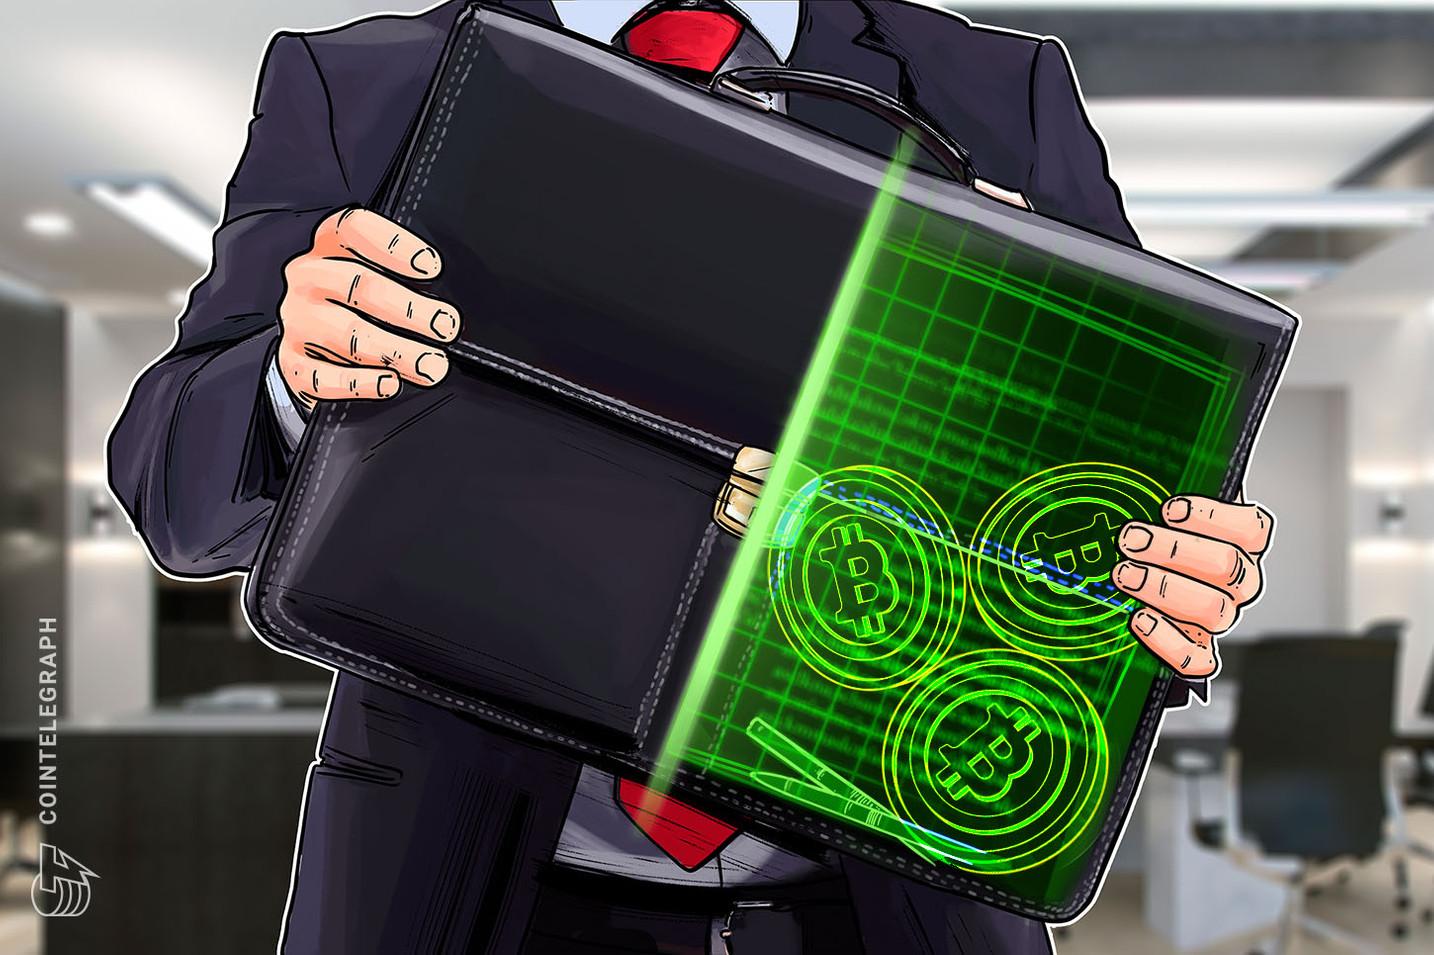 仮想通貨ビットコイン、0.1BTC以上保有のアドレスが過去最高に